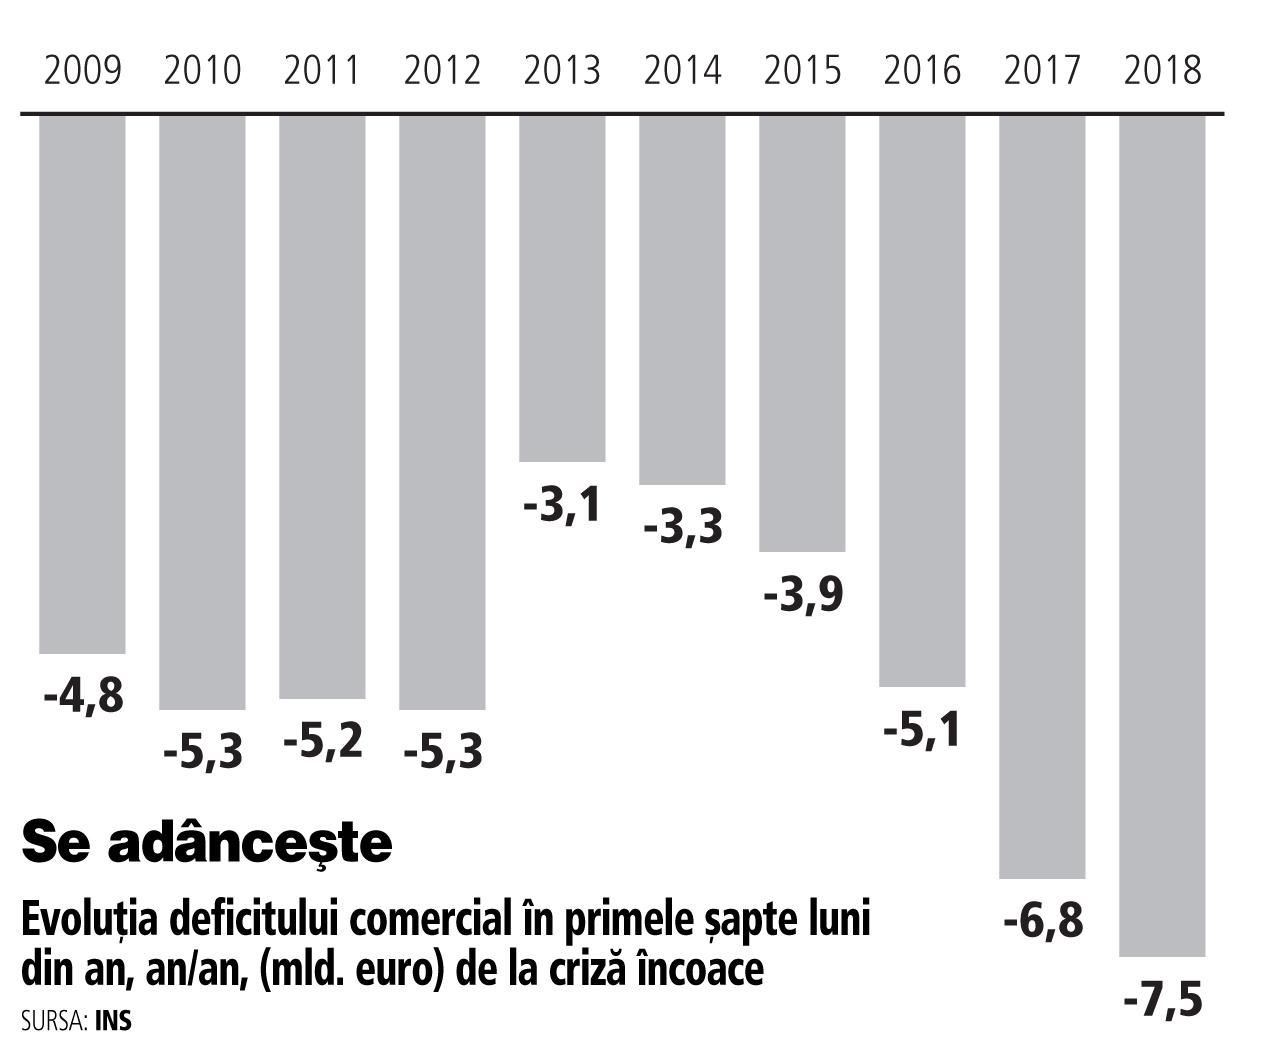 Iulie 2018: importurile cresc din nou peste exporturi, iar deficitul la şapte luni, an/an, este cel mai mare din 2009 încoace